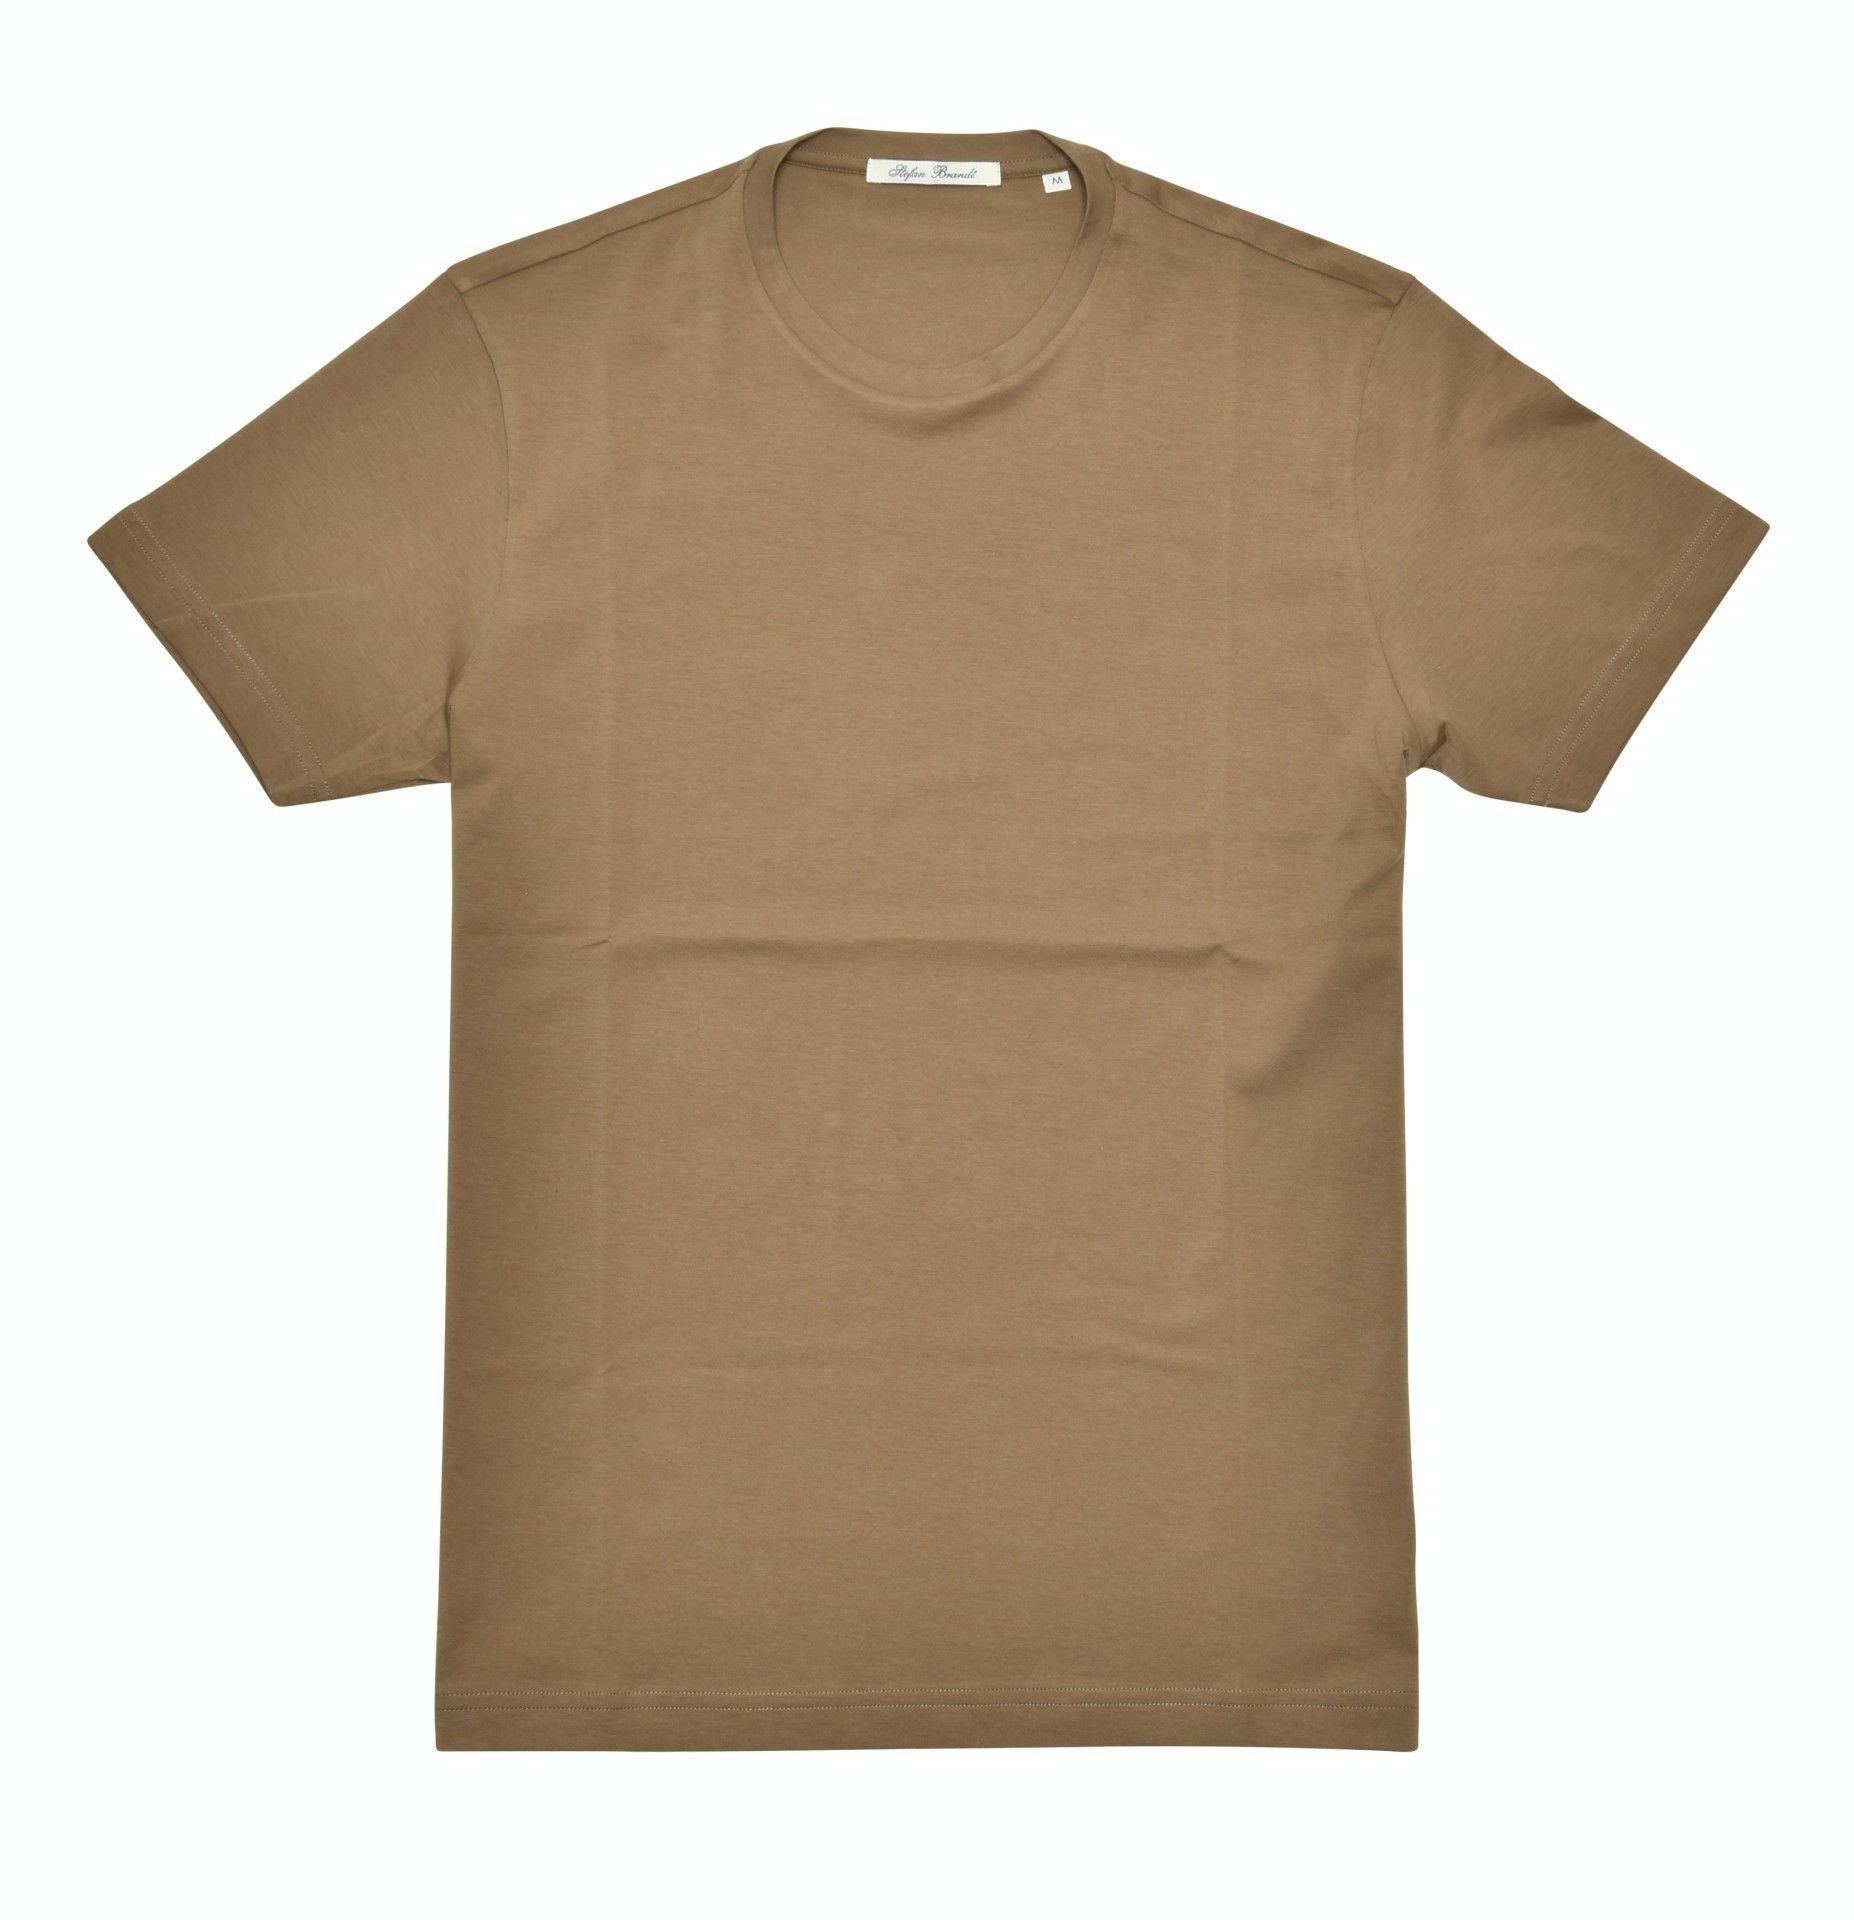 STEFAN BRANDT - Herren T-Shirt - Round Neck Enno 30er - Kaki Oscuro